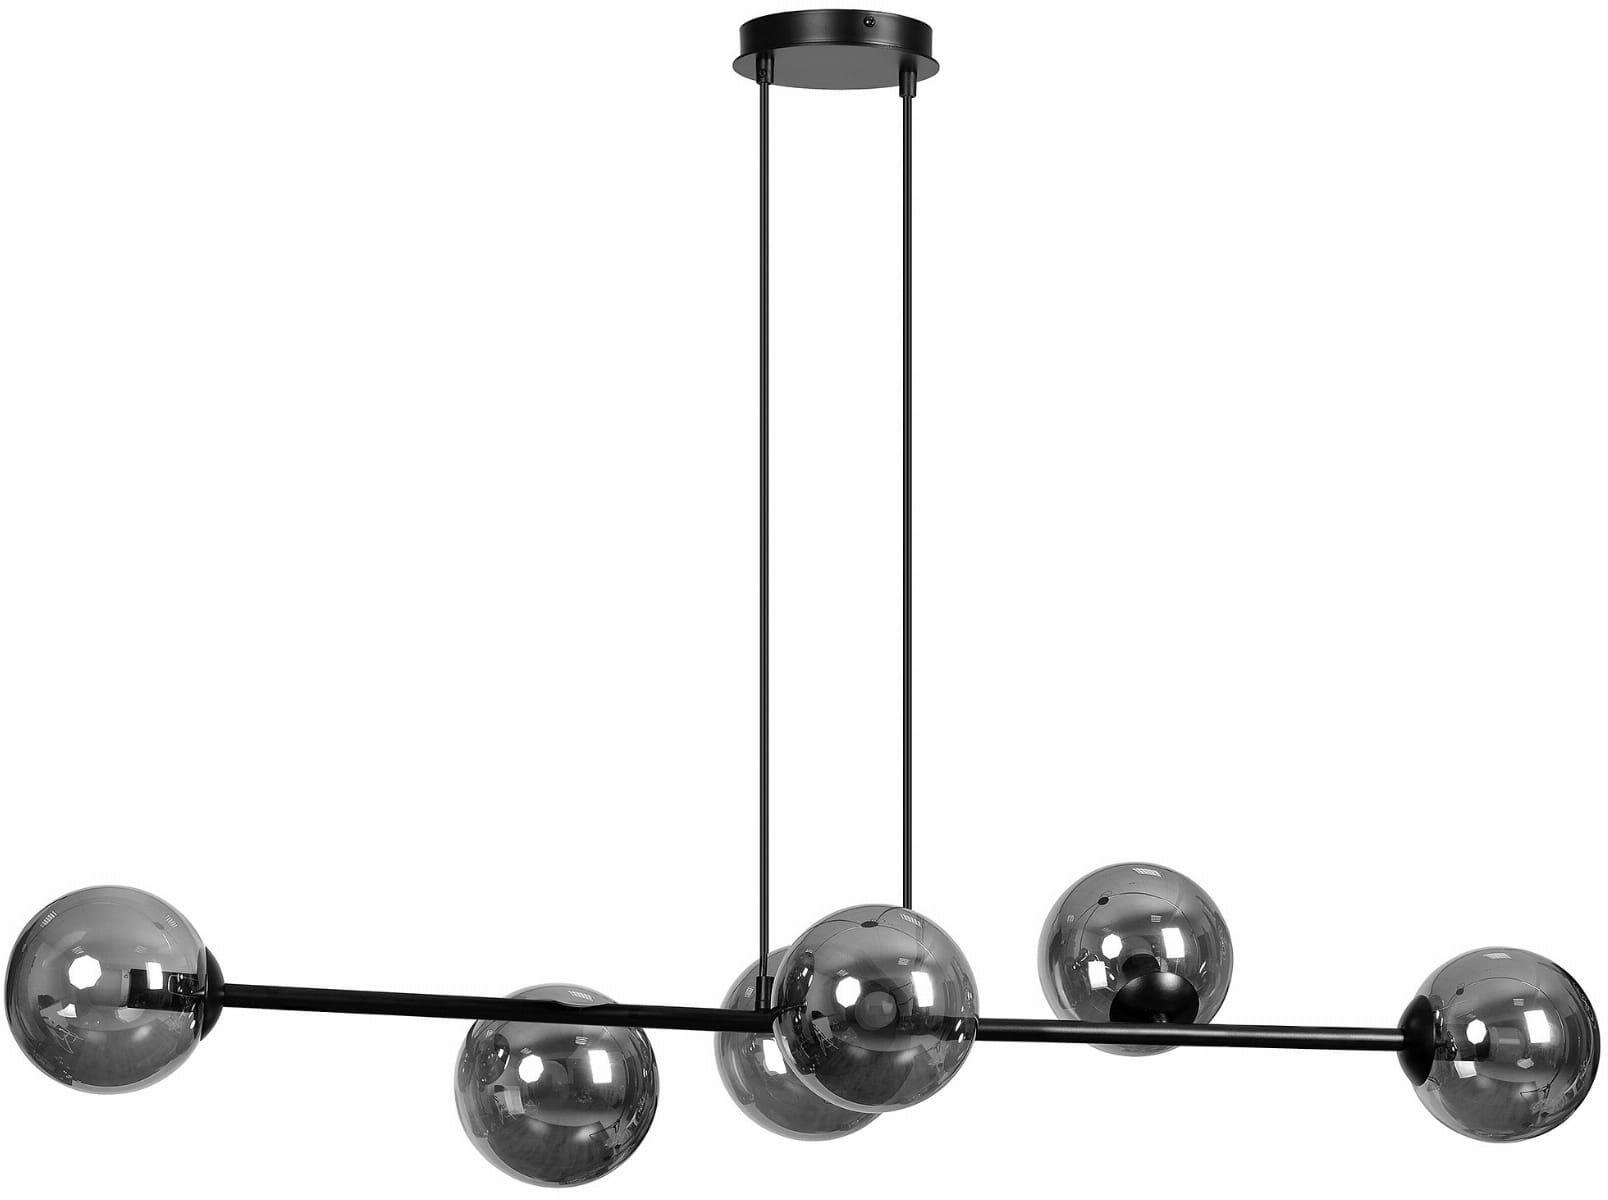 Emibig ROSSI 6 BL/GRAFIT 875/6 lampa wisząca nowoczesna metal czarna szklane klosze 6x40W E14 110cm